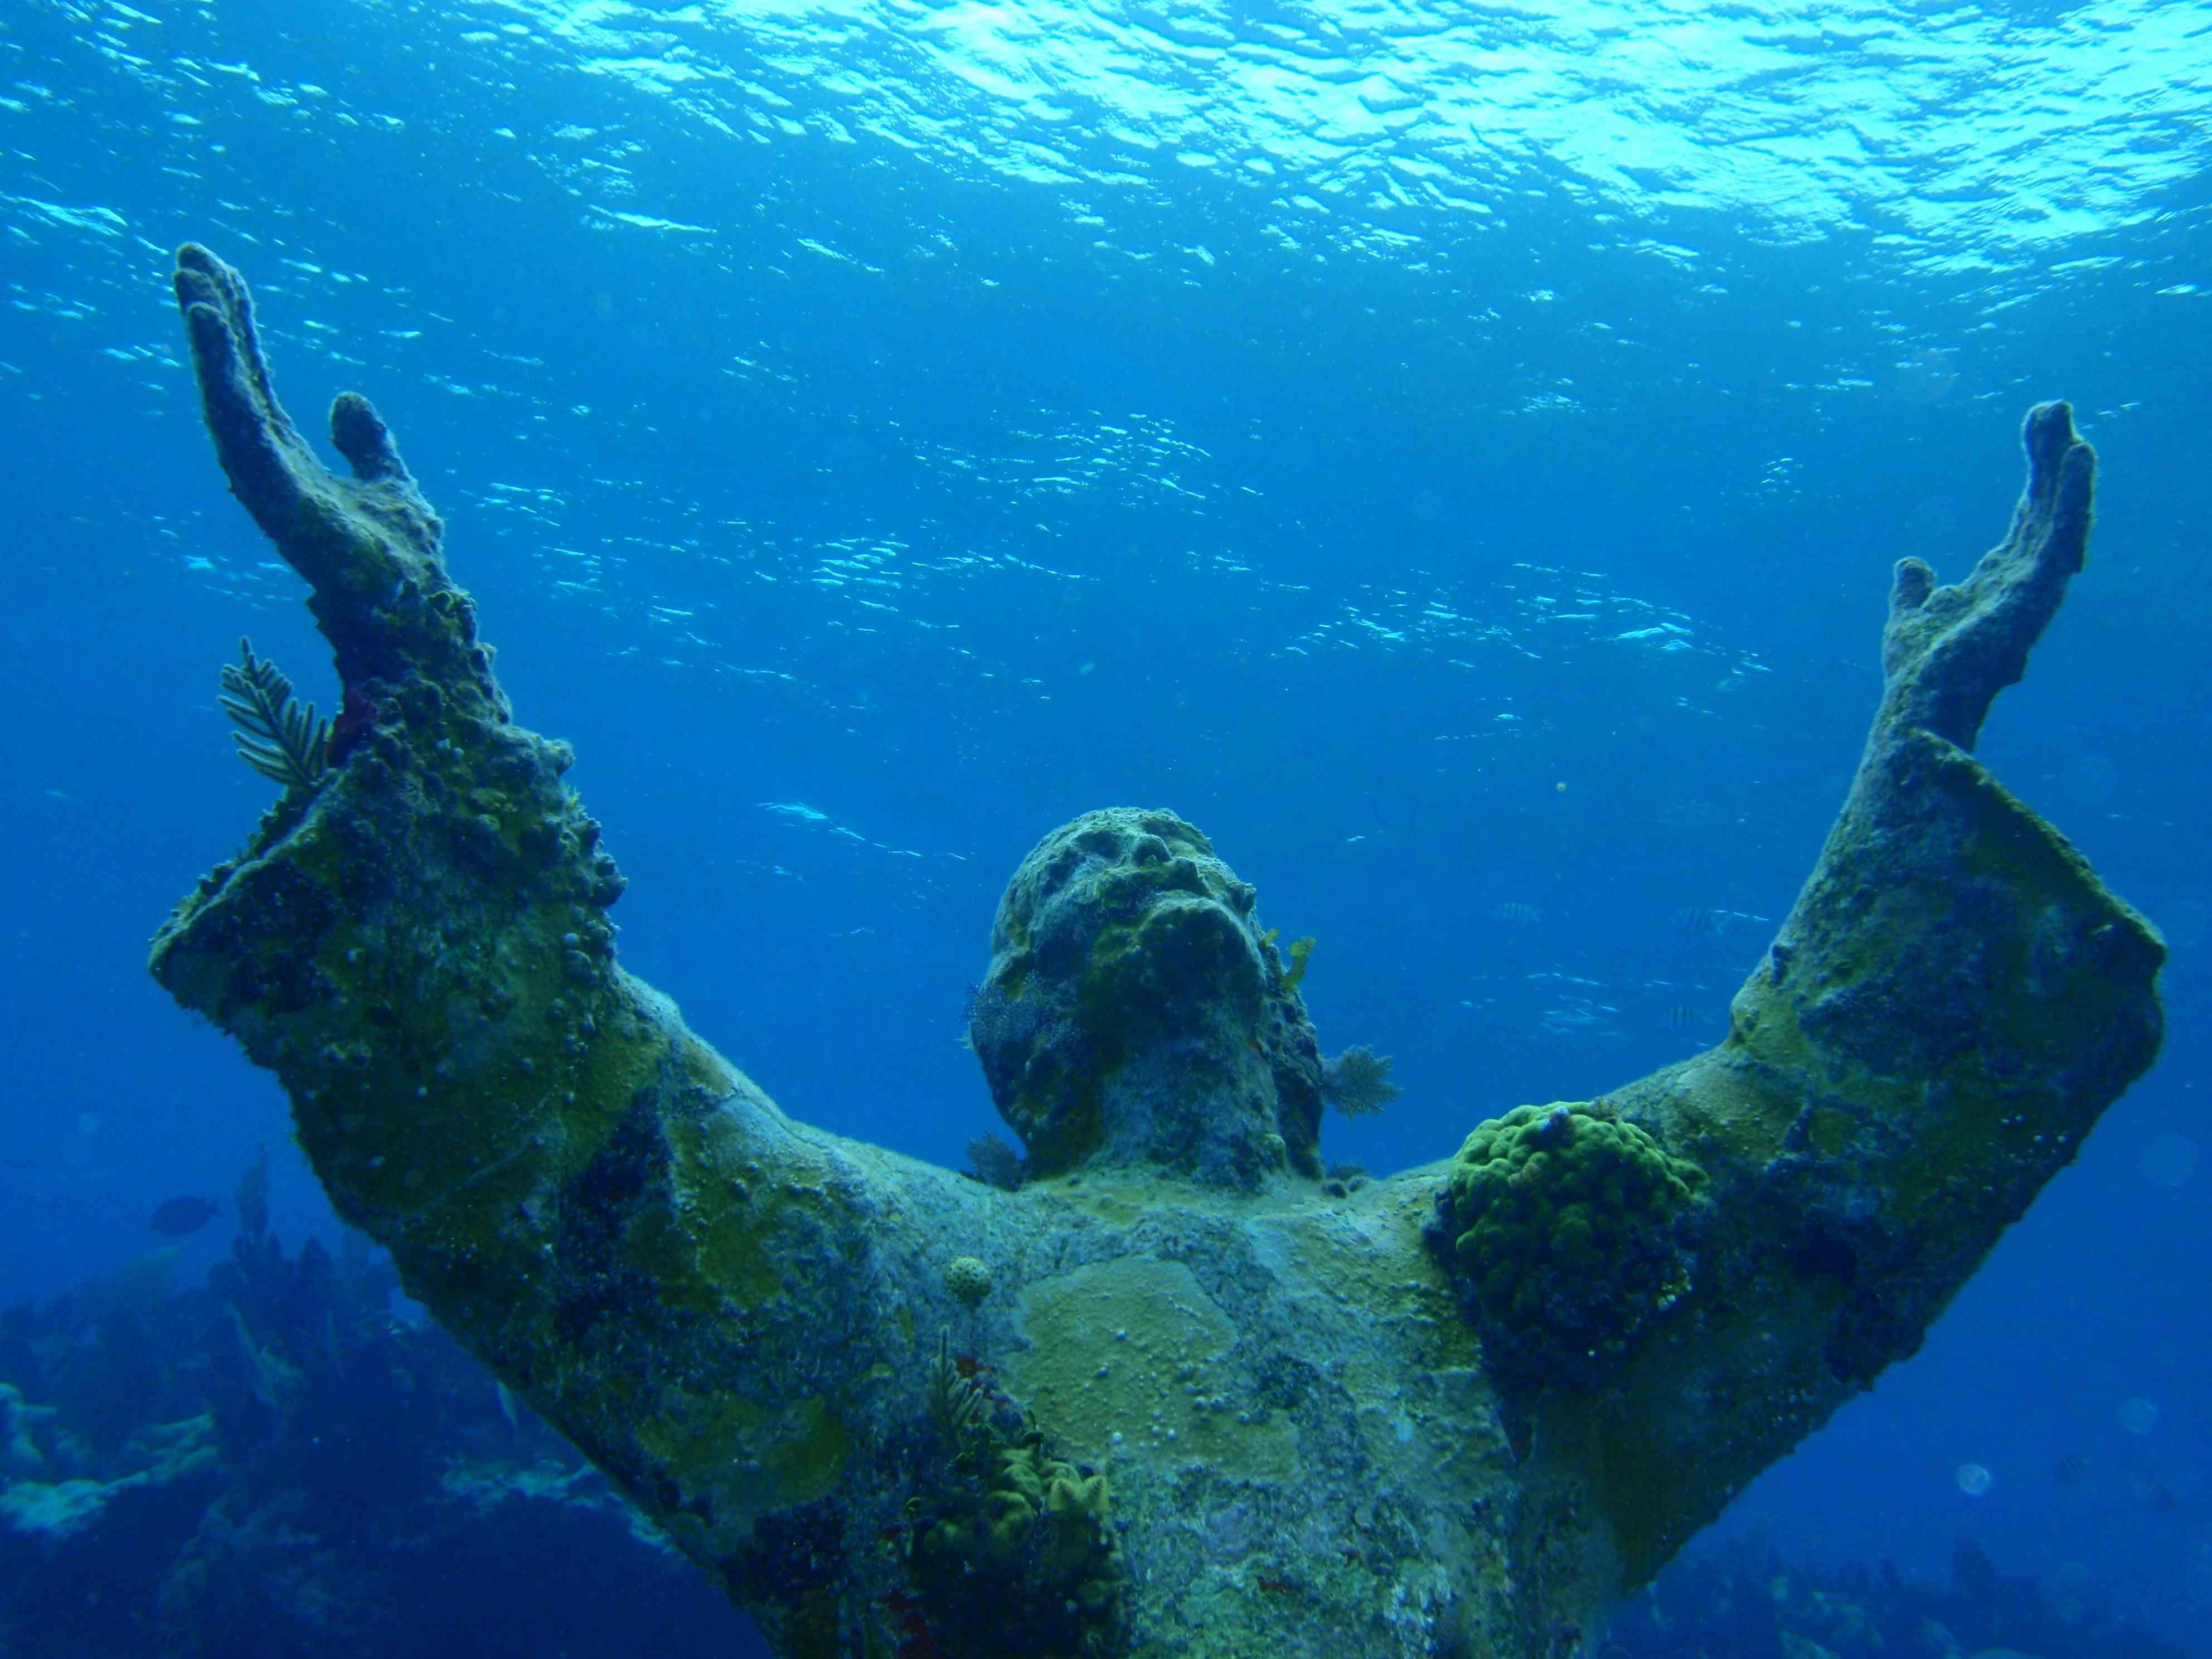 Underwater Statue Of Jeasus - Malta